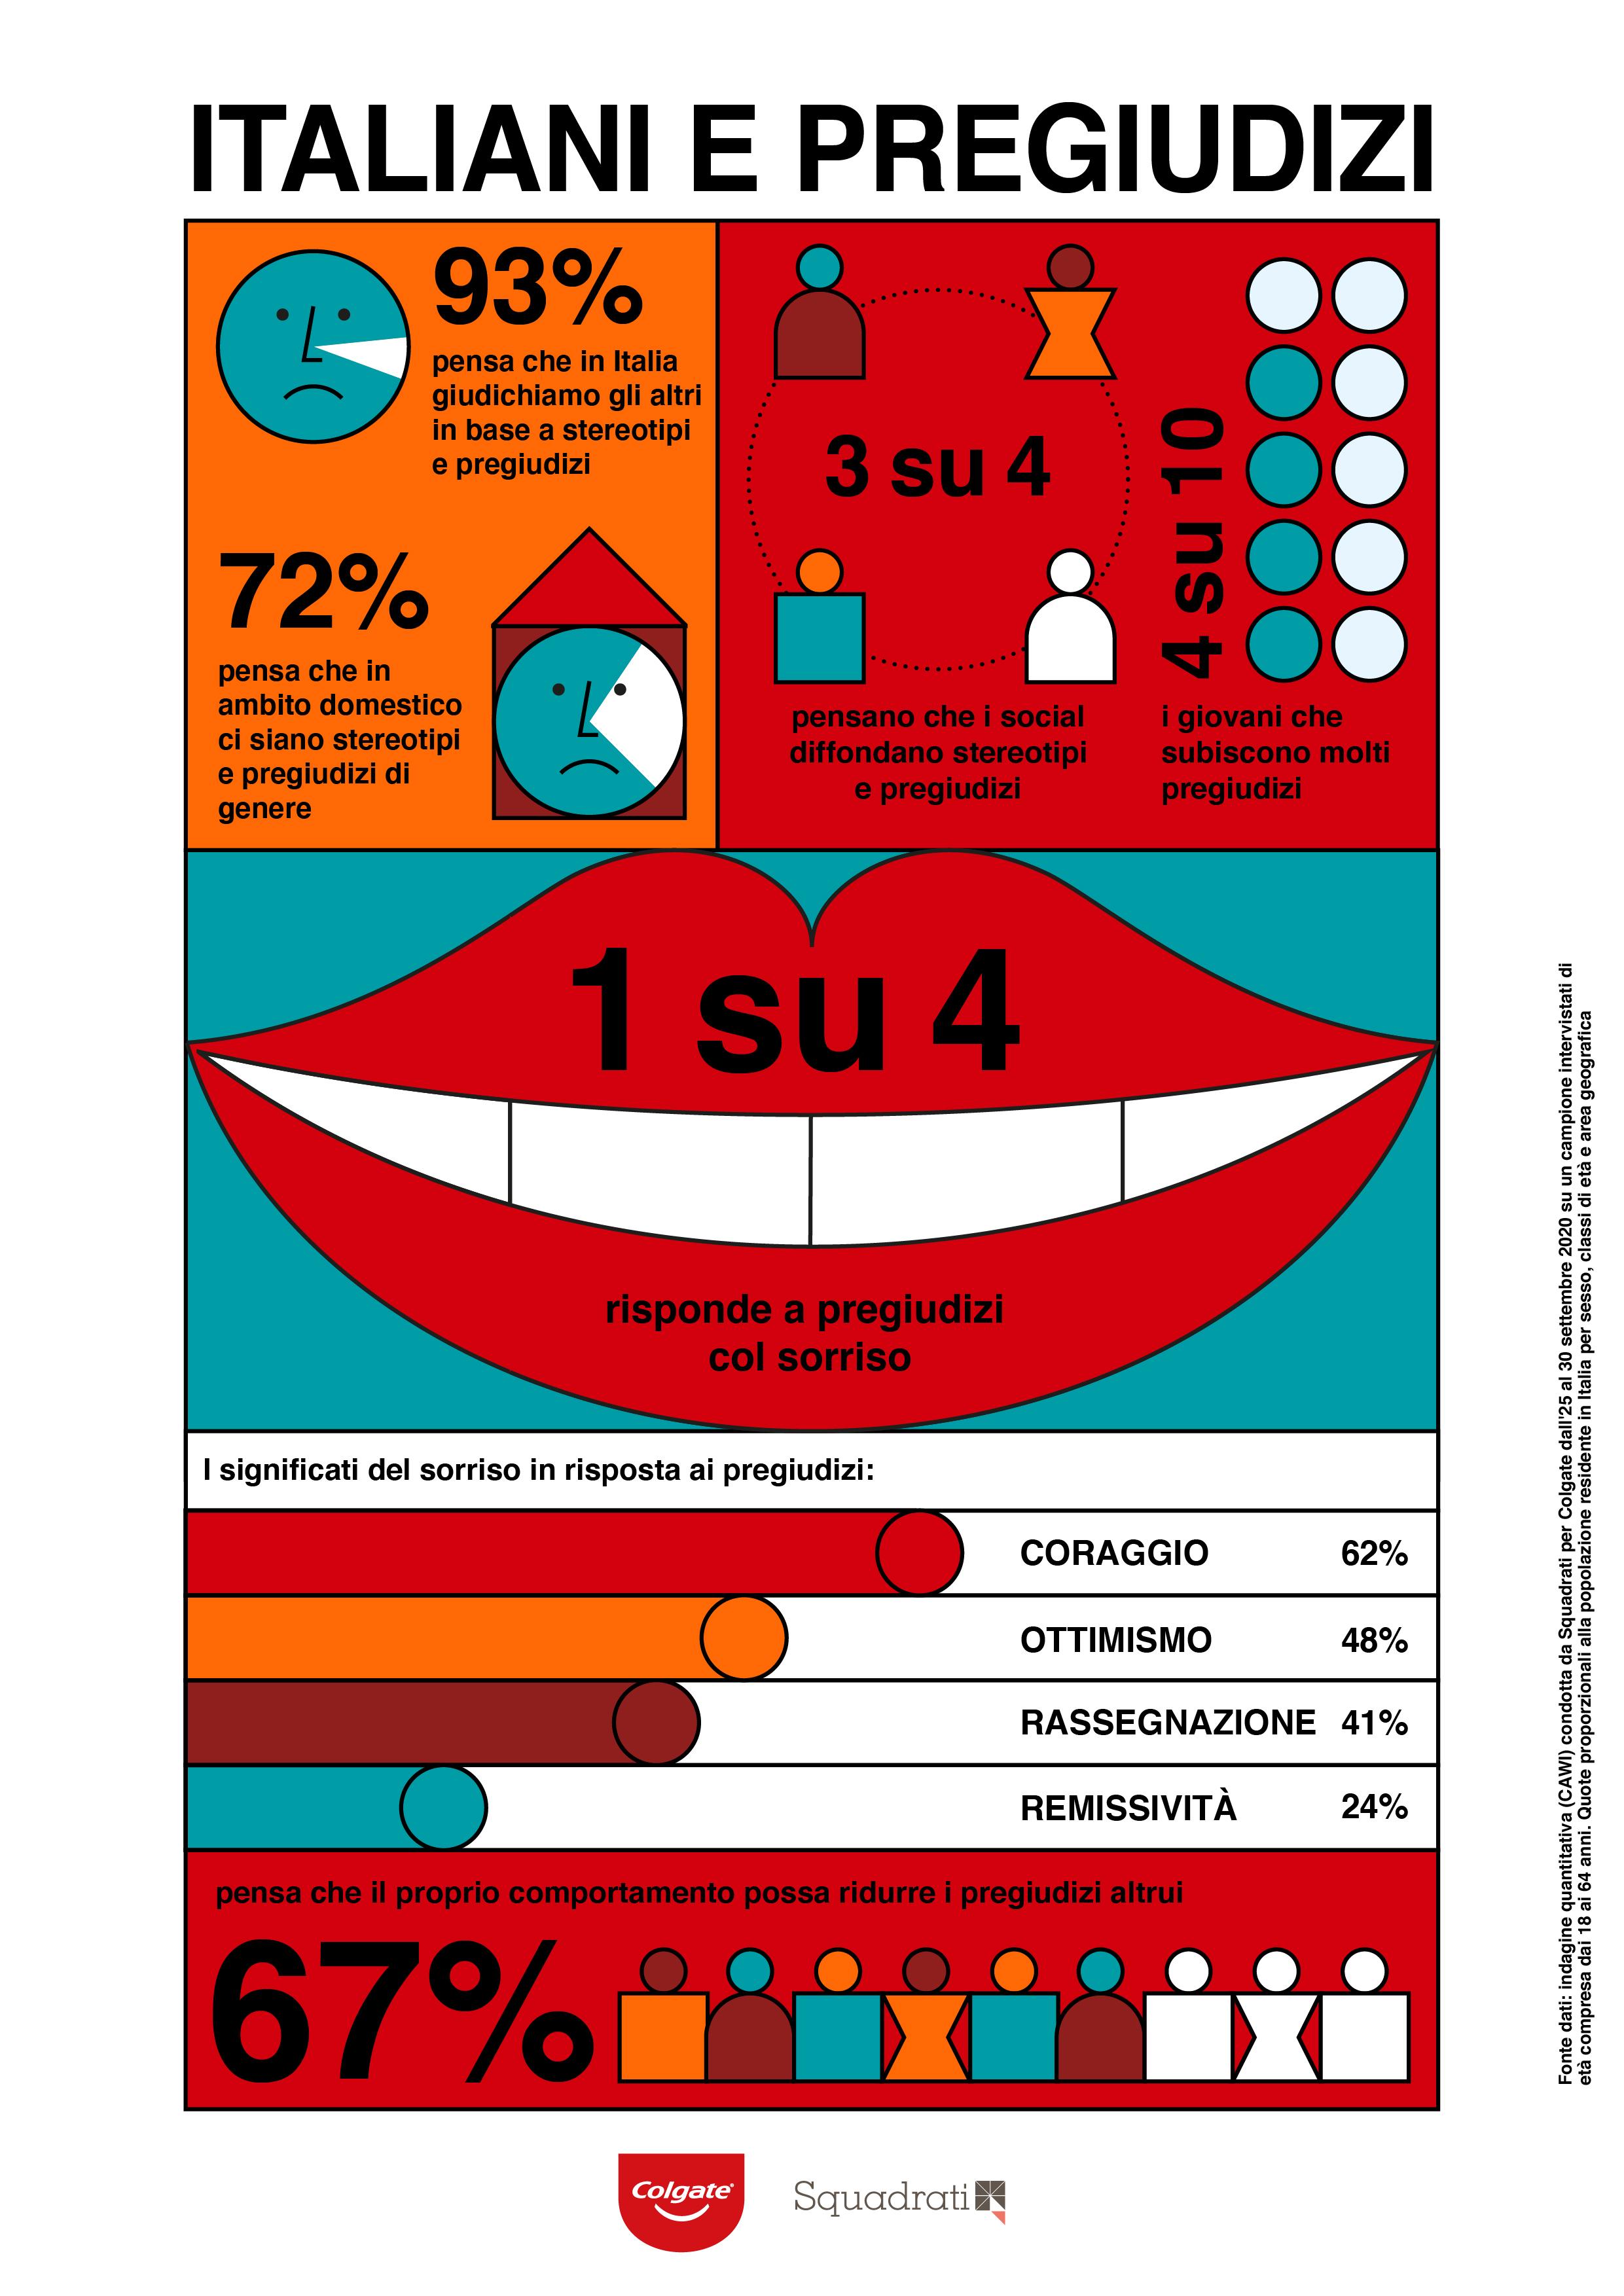 Infografica Italiani e pregiudizi - Squadrati per Colgate